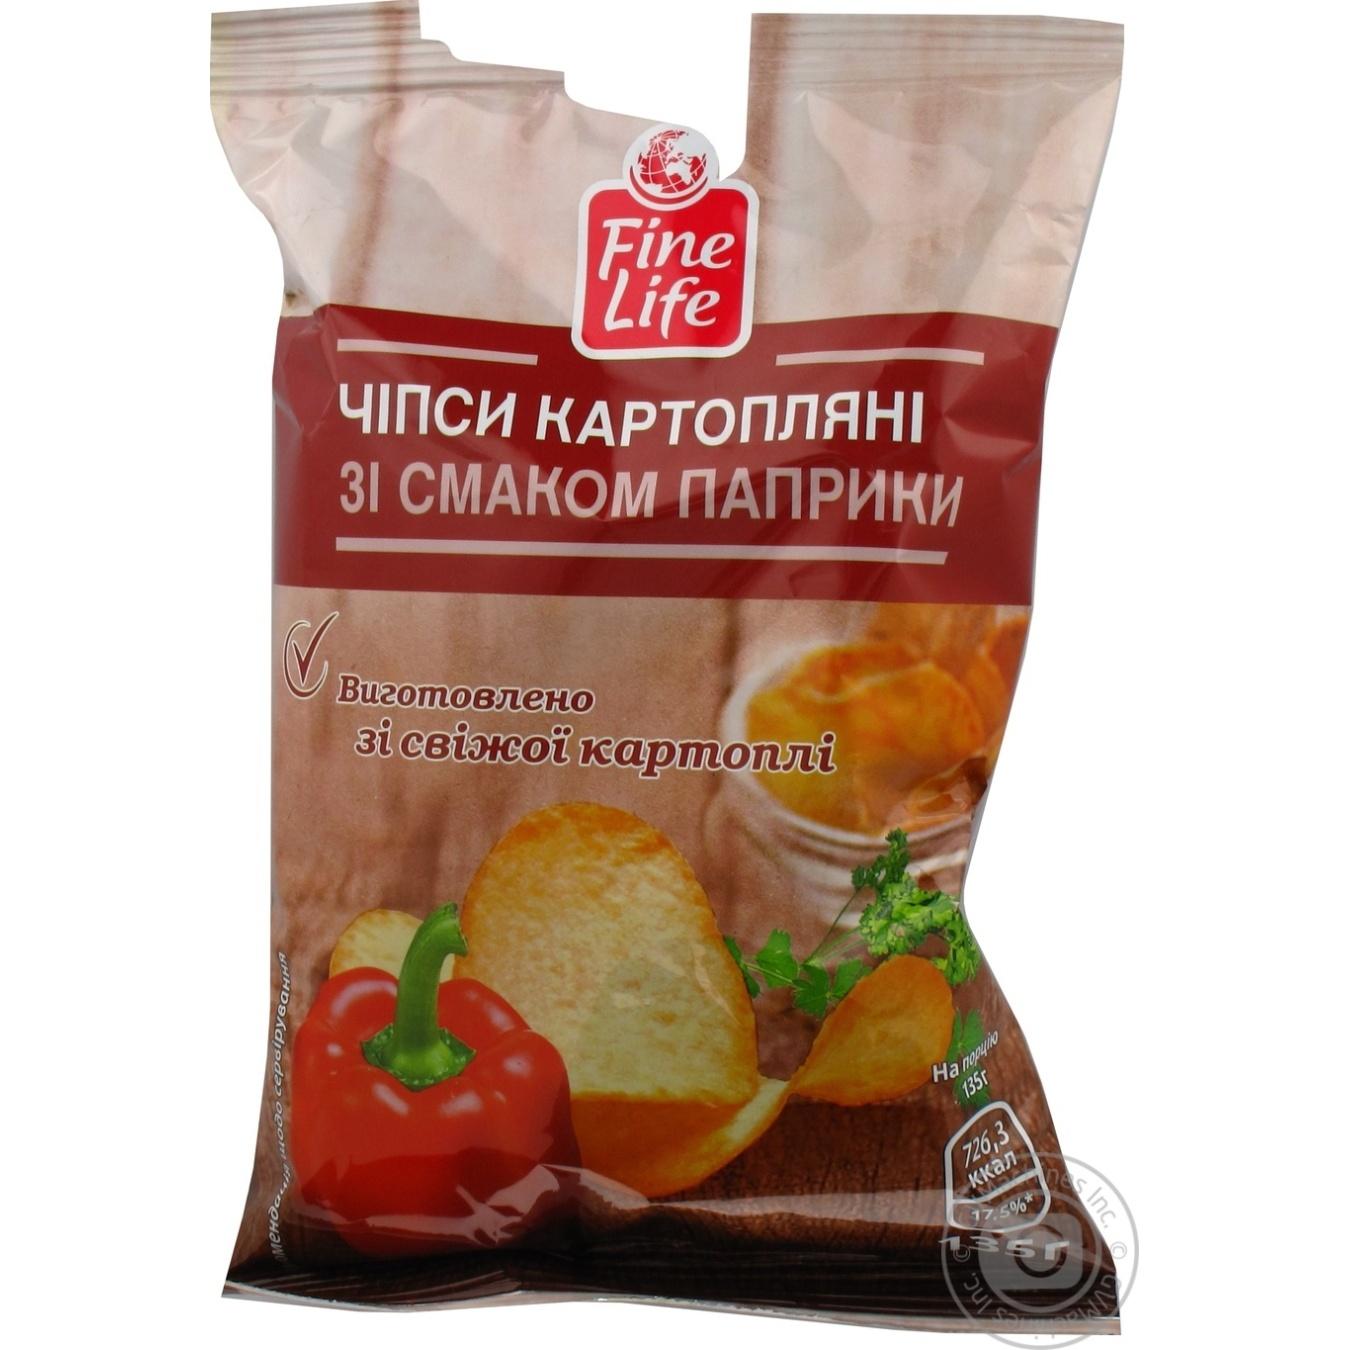 Купить Чипсы Fine Life картофельные со вкусом паприки 135г